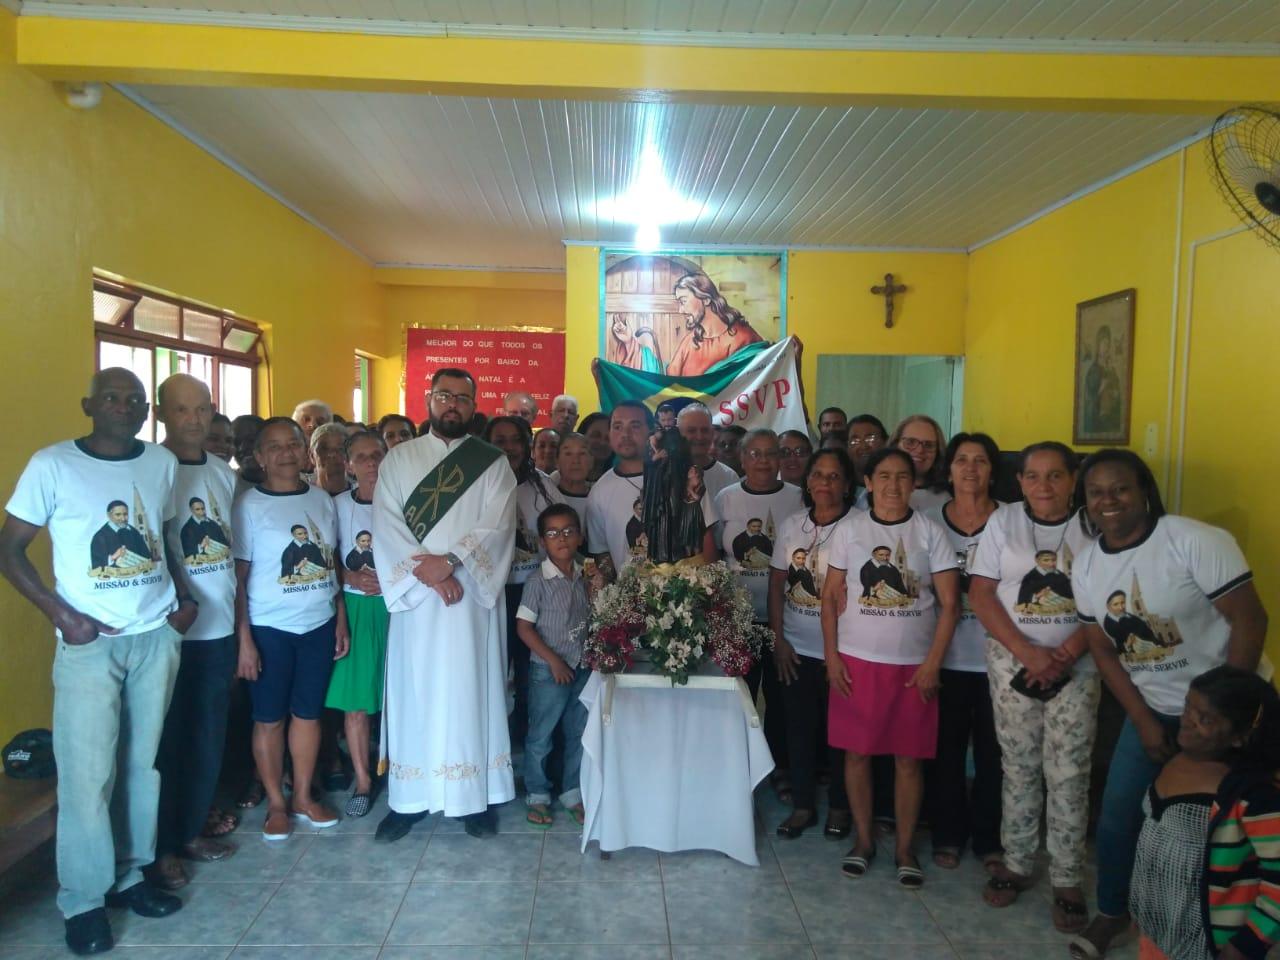 Festa em honra a São Vicente de Paulo em Rio Vermelho